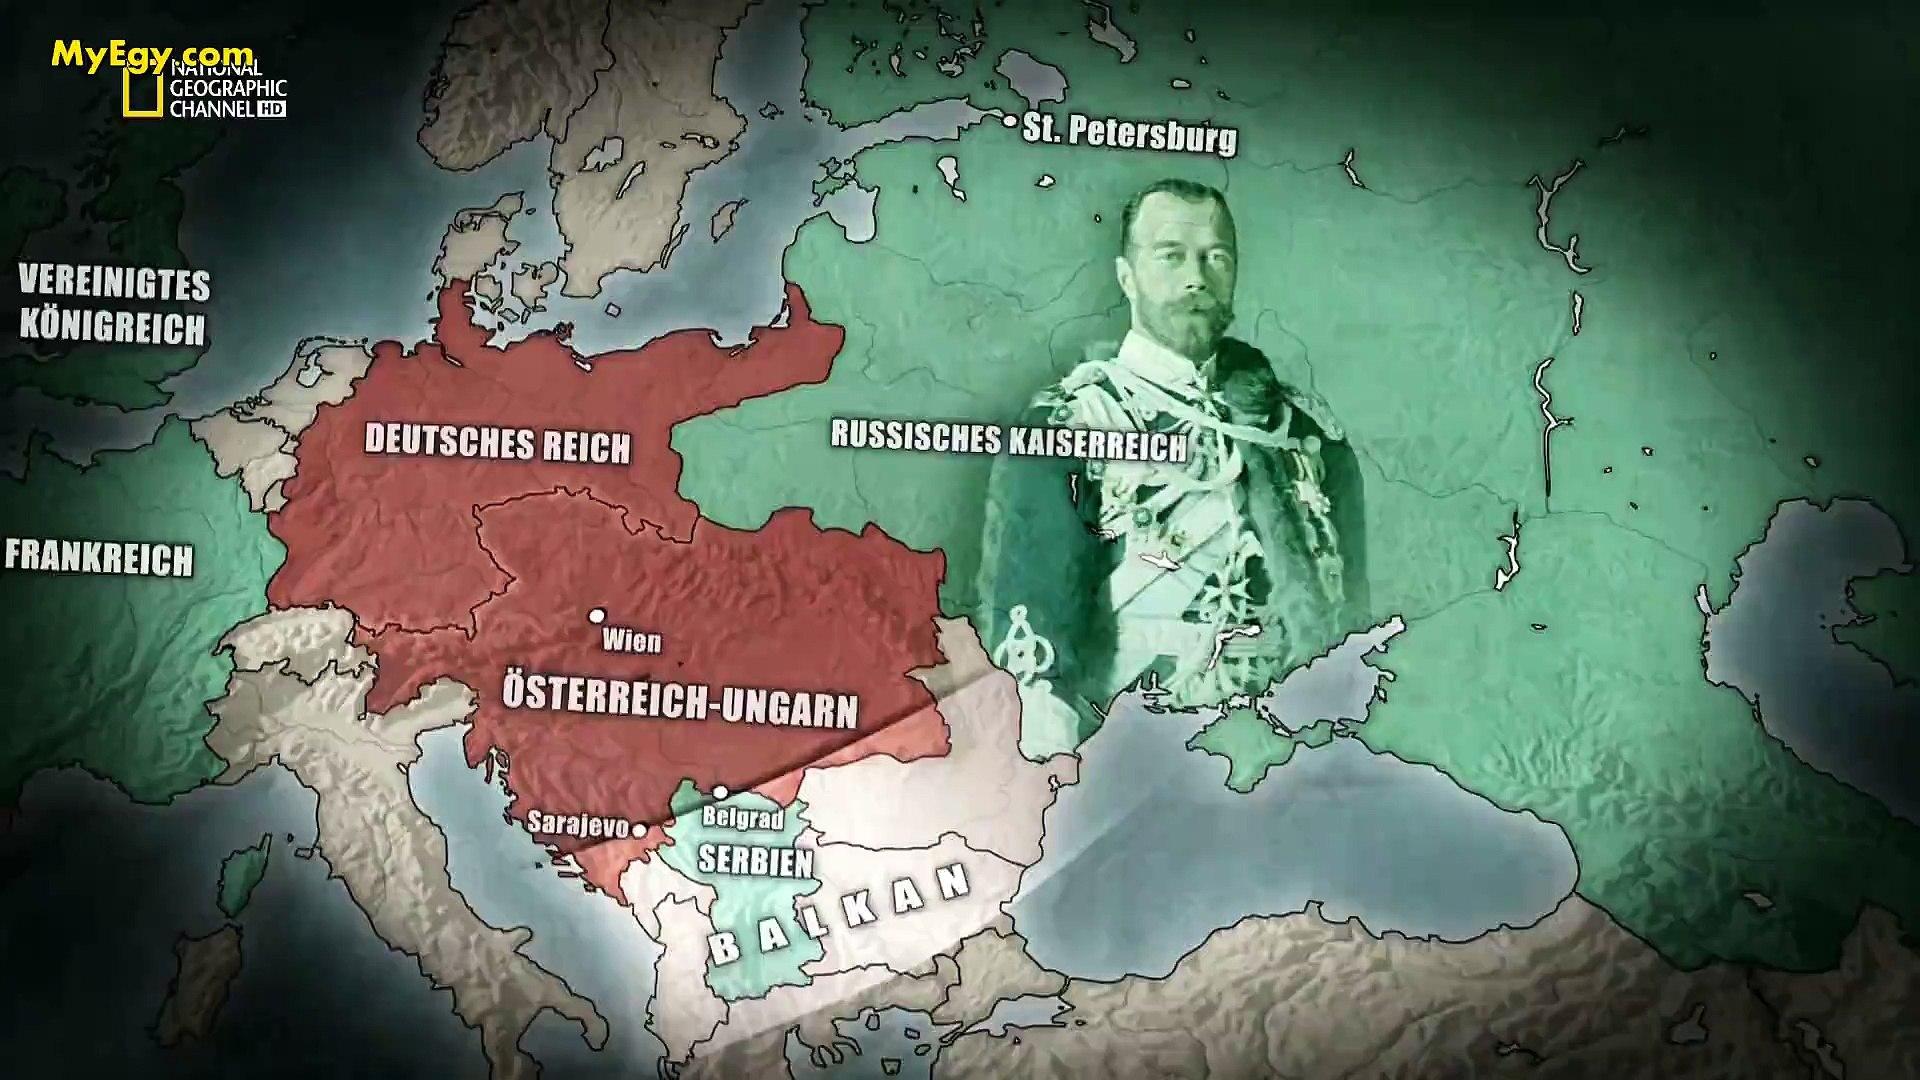 السلسلة الوثائقية الحرب العالمية الاولى   الجزء الاول